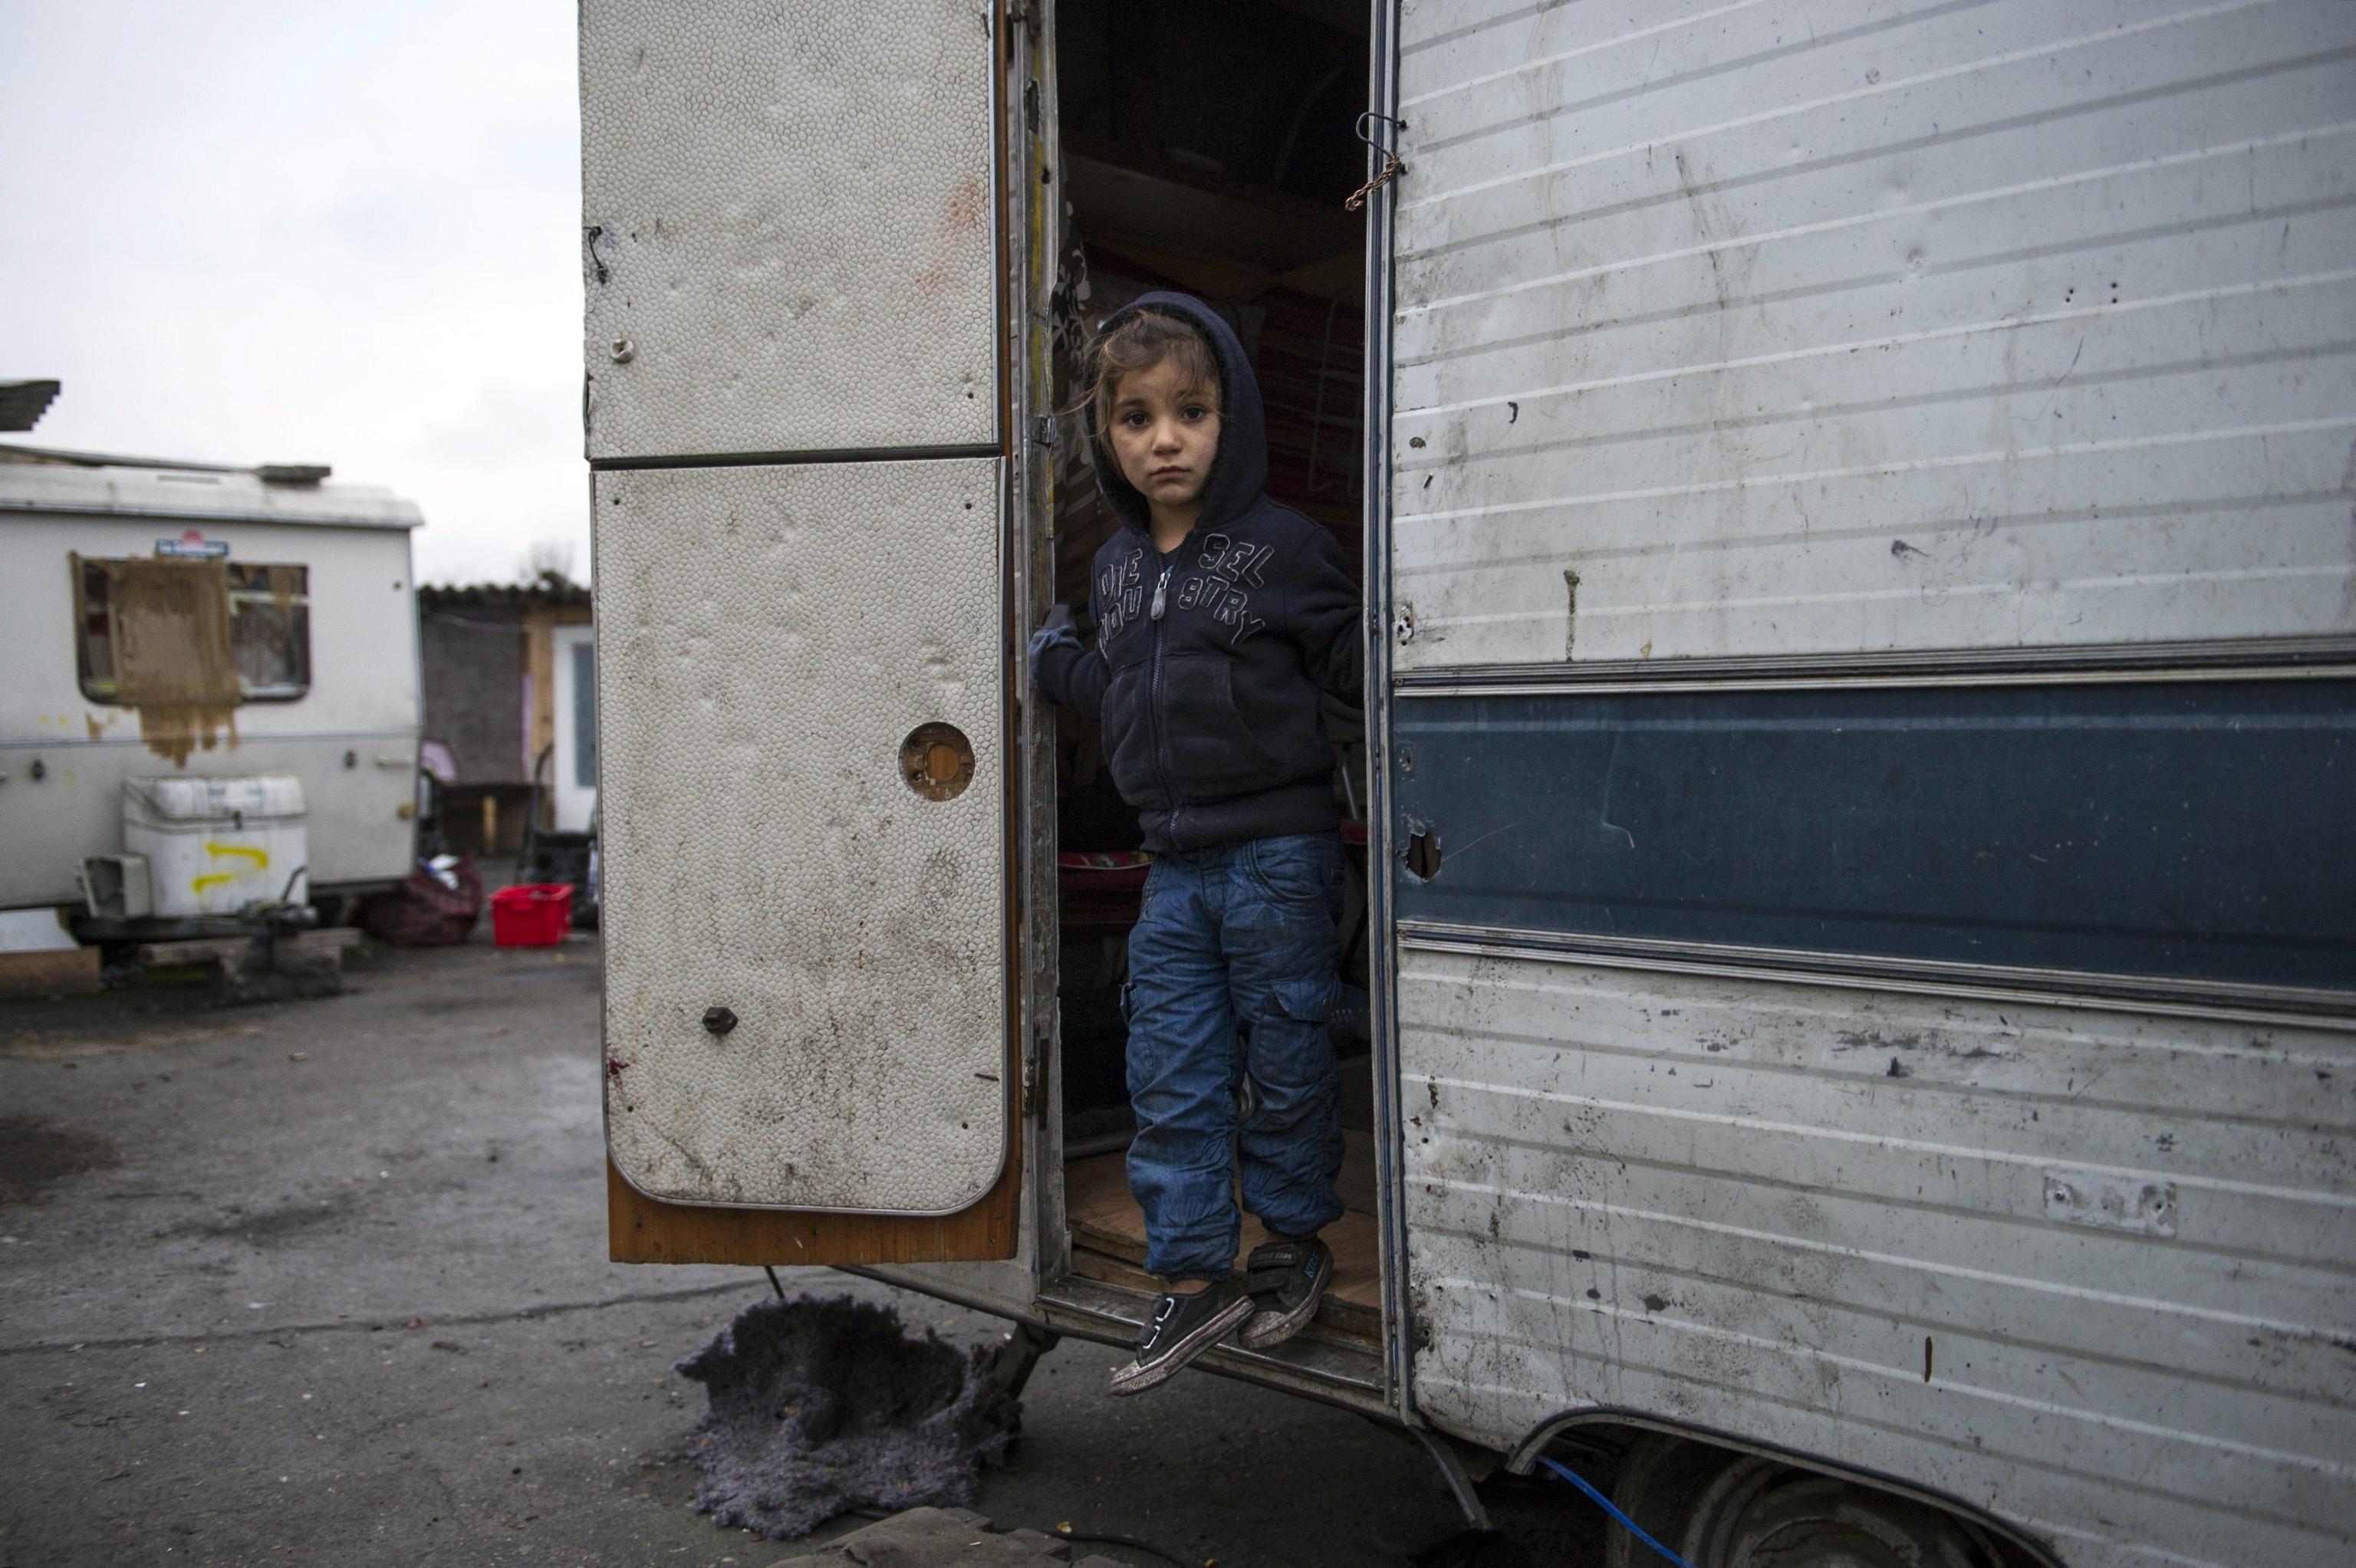 Giallo a Roma: bambina rom ferita, un piombino è stato estratto dalla sua schiena